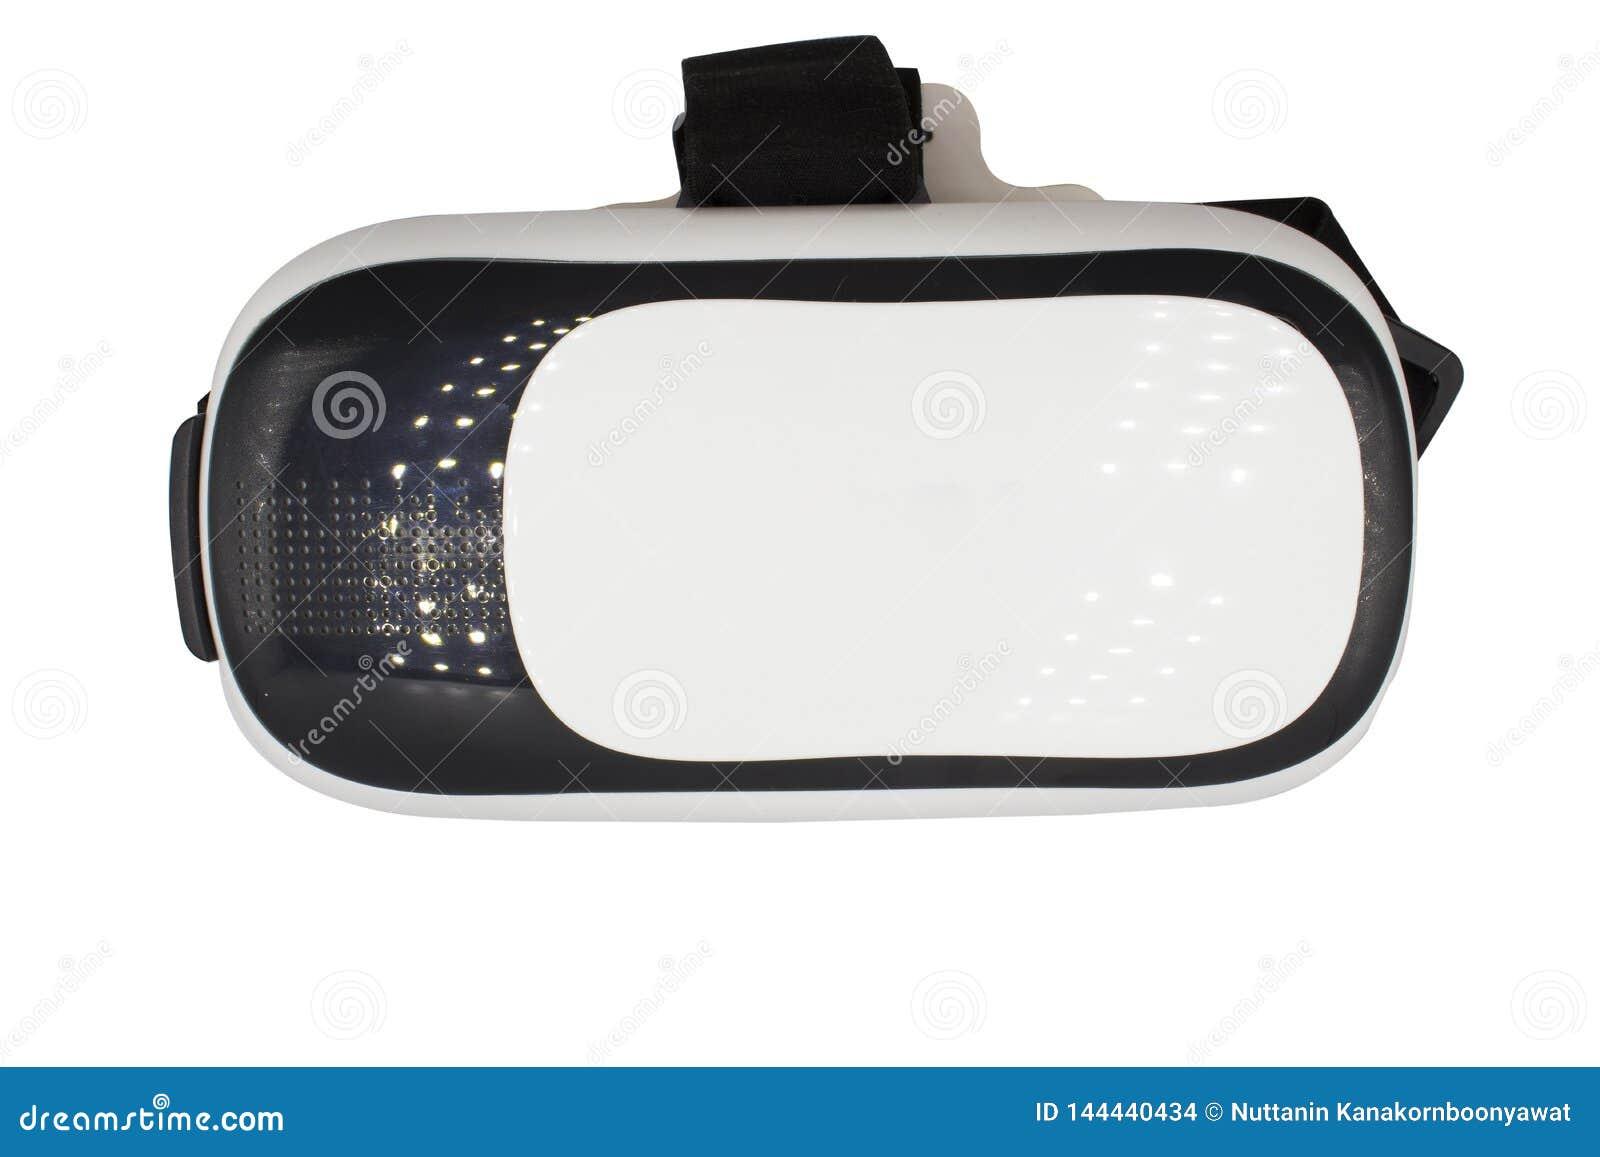 Ρεαλιστική κάμερα VR, κιβώτιο VR/γυαλιά εικονικής πραγματικότητας που απομονώνεται στο άσπρο υπόβαθρο